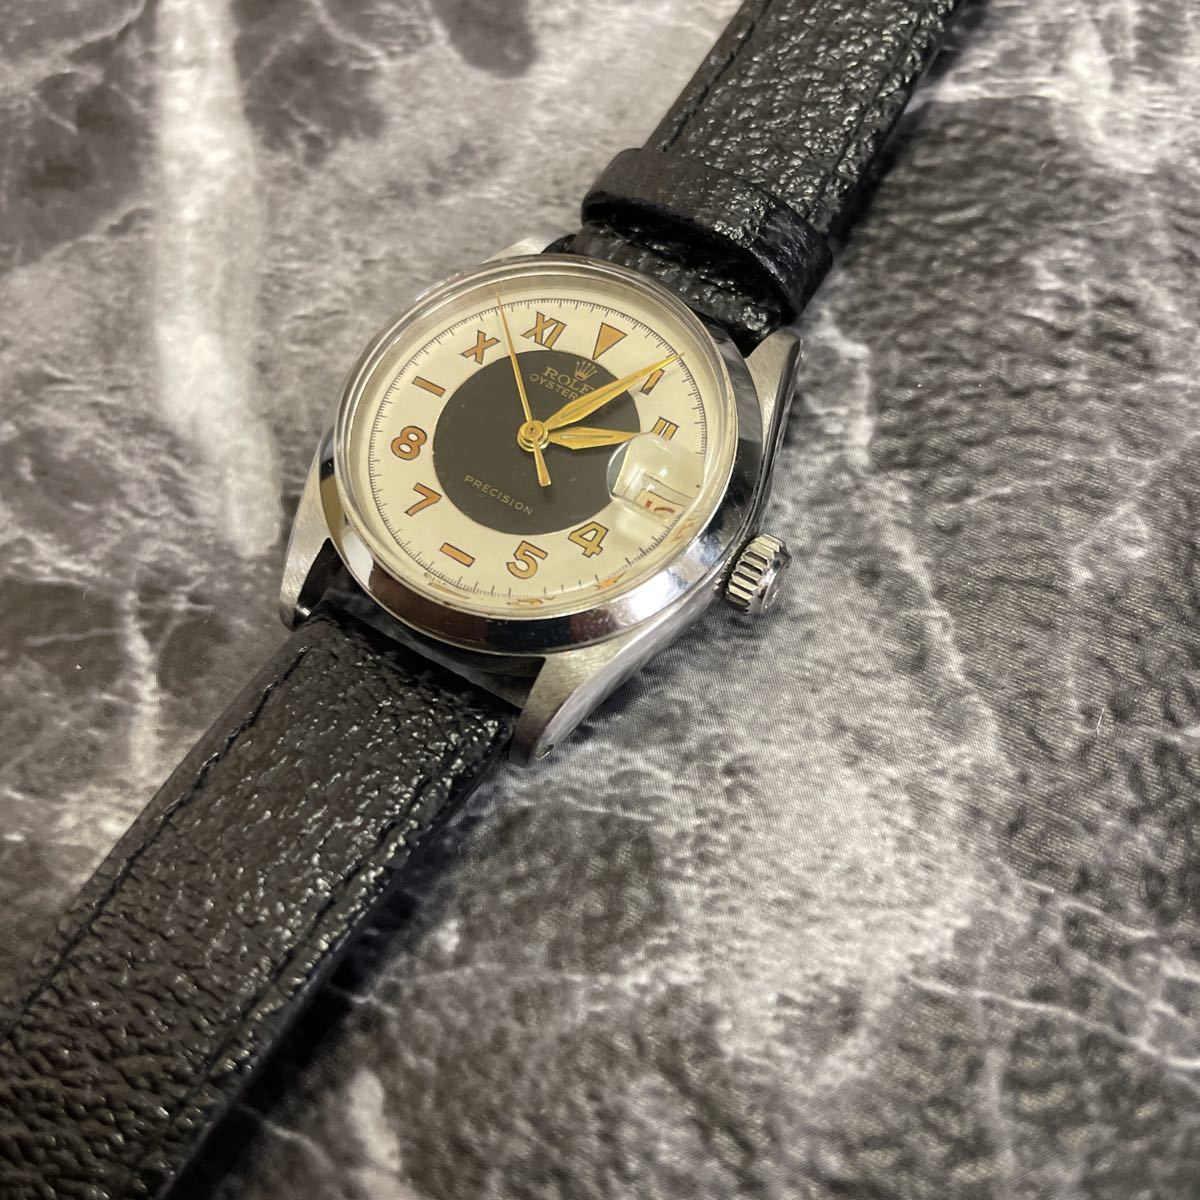 希少文字盤・稼働品・ROLEX ロレックス オイスターデイト プレシジョン 腕時計 ボーイズ メンズ 6466 17石 アンティーク 手巻き式//3260_画像4